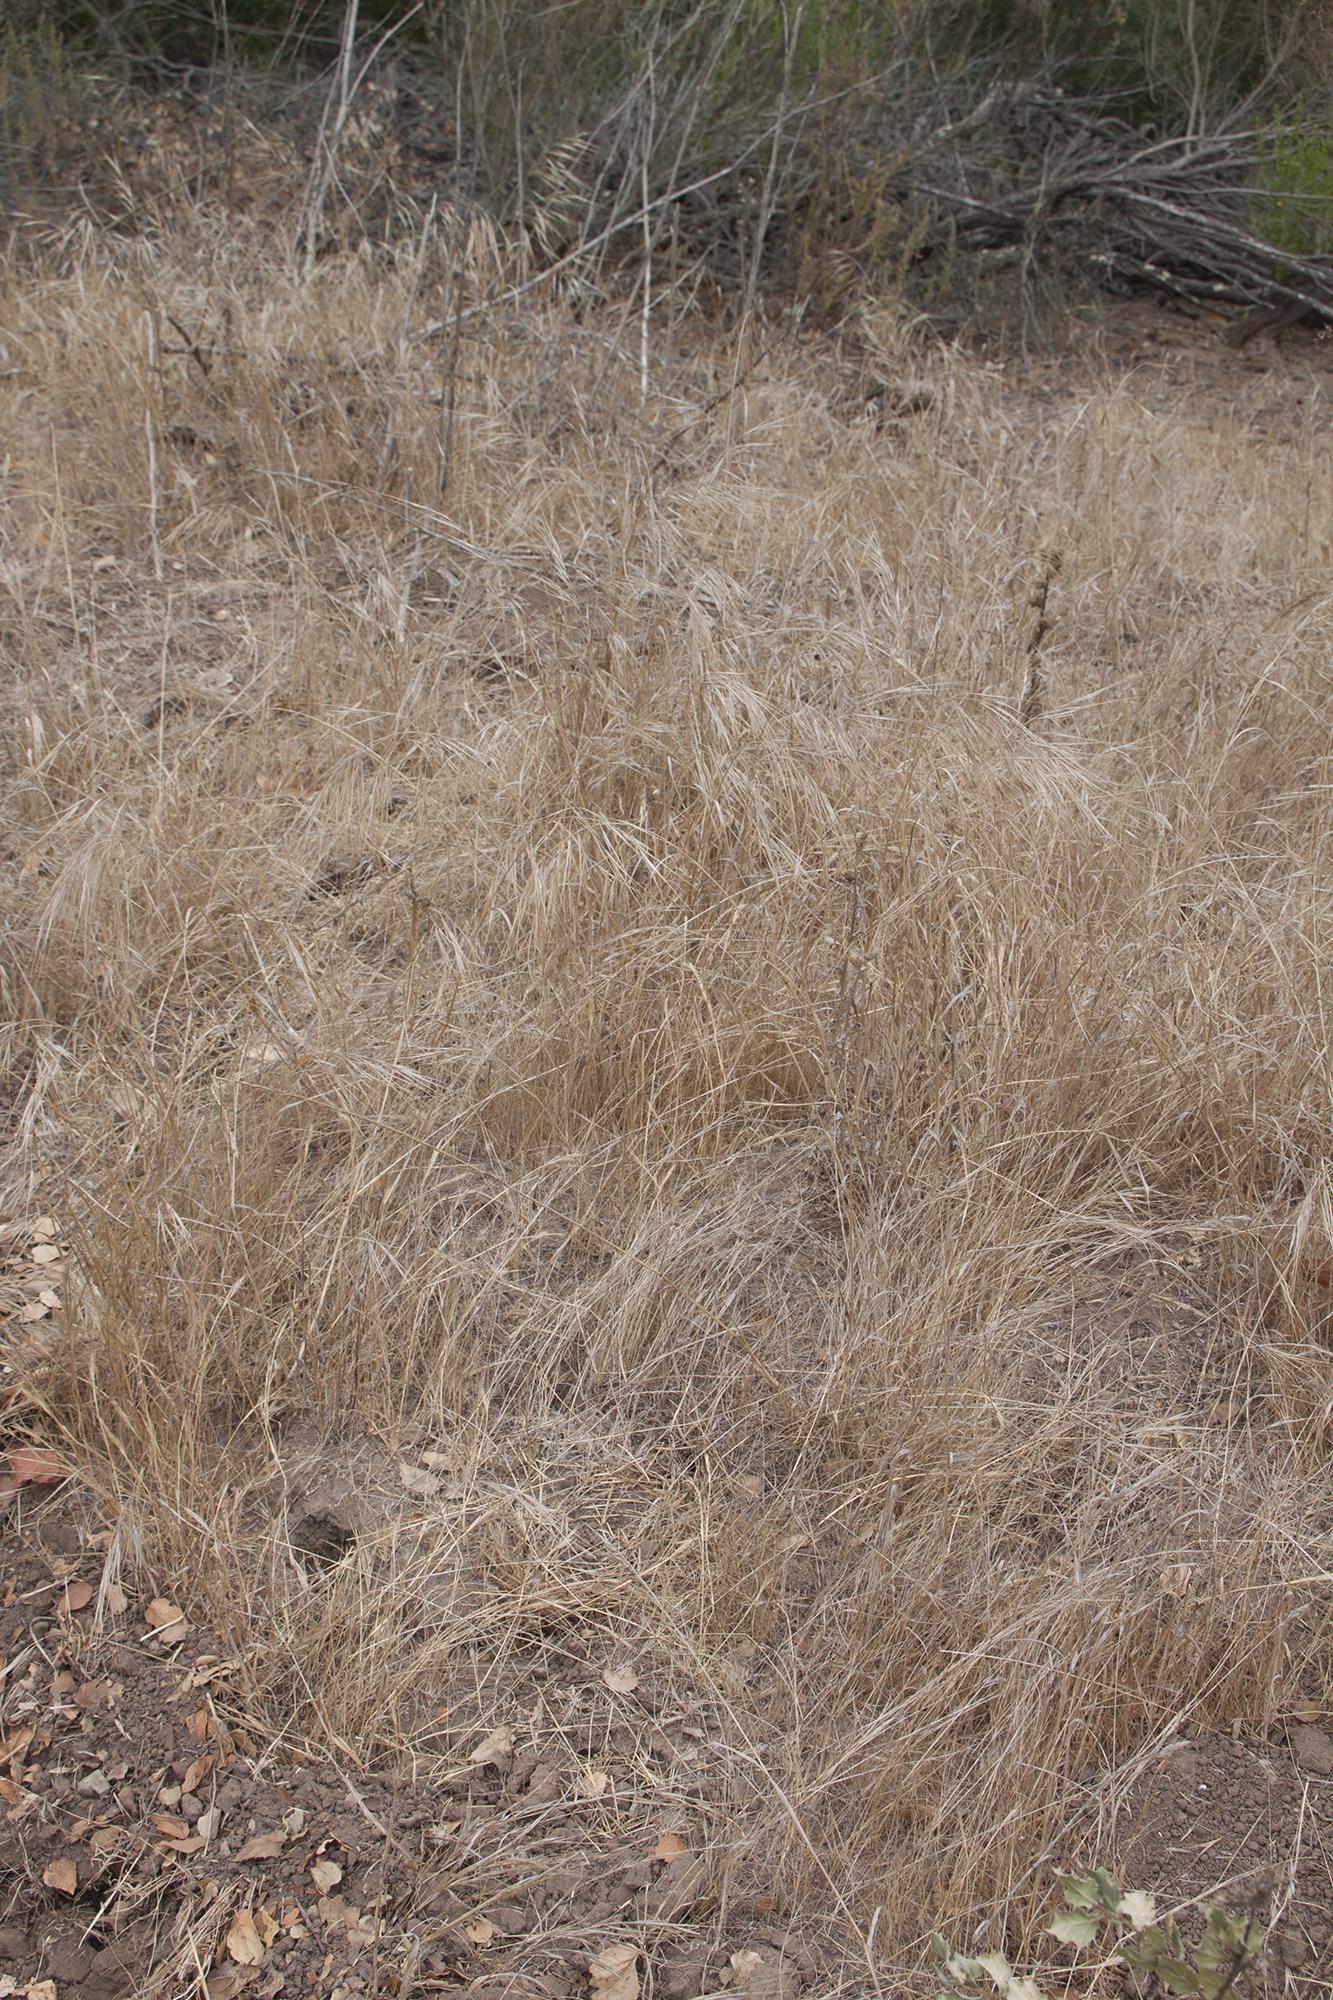 Bromus diandrus (summer)-02.jpg